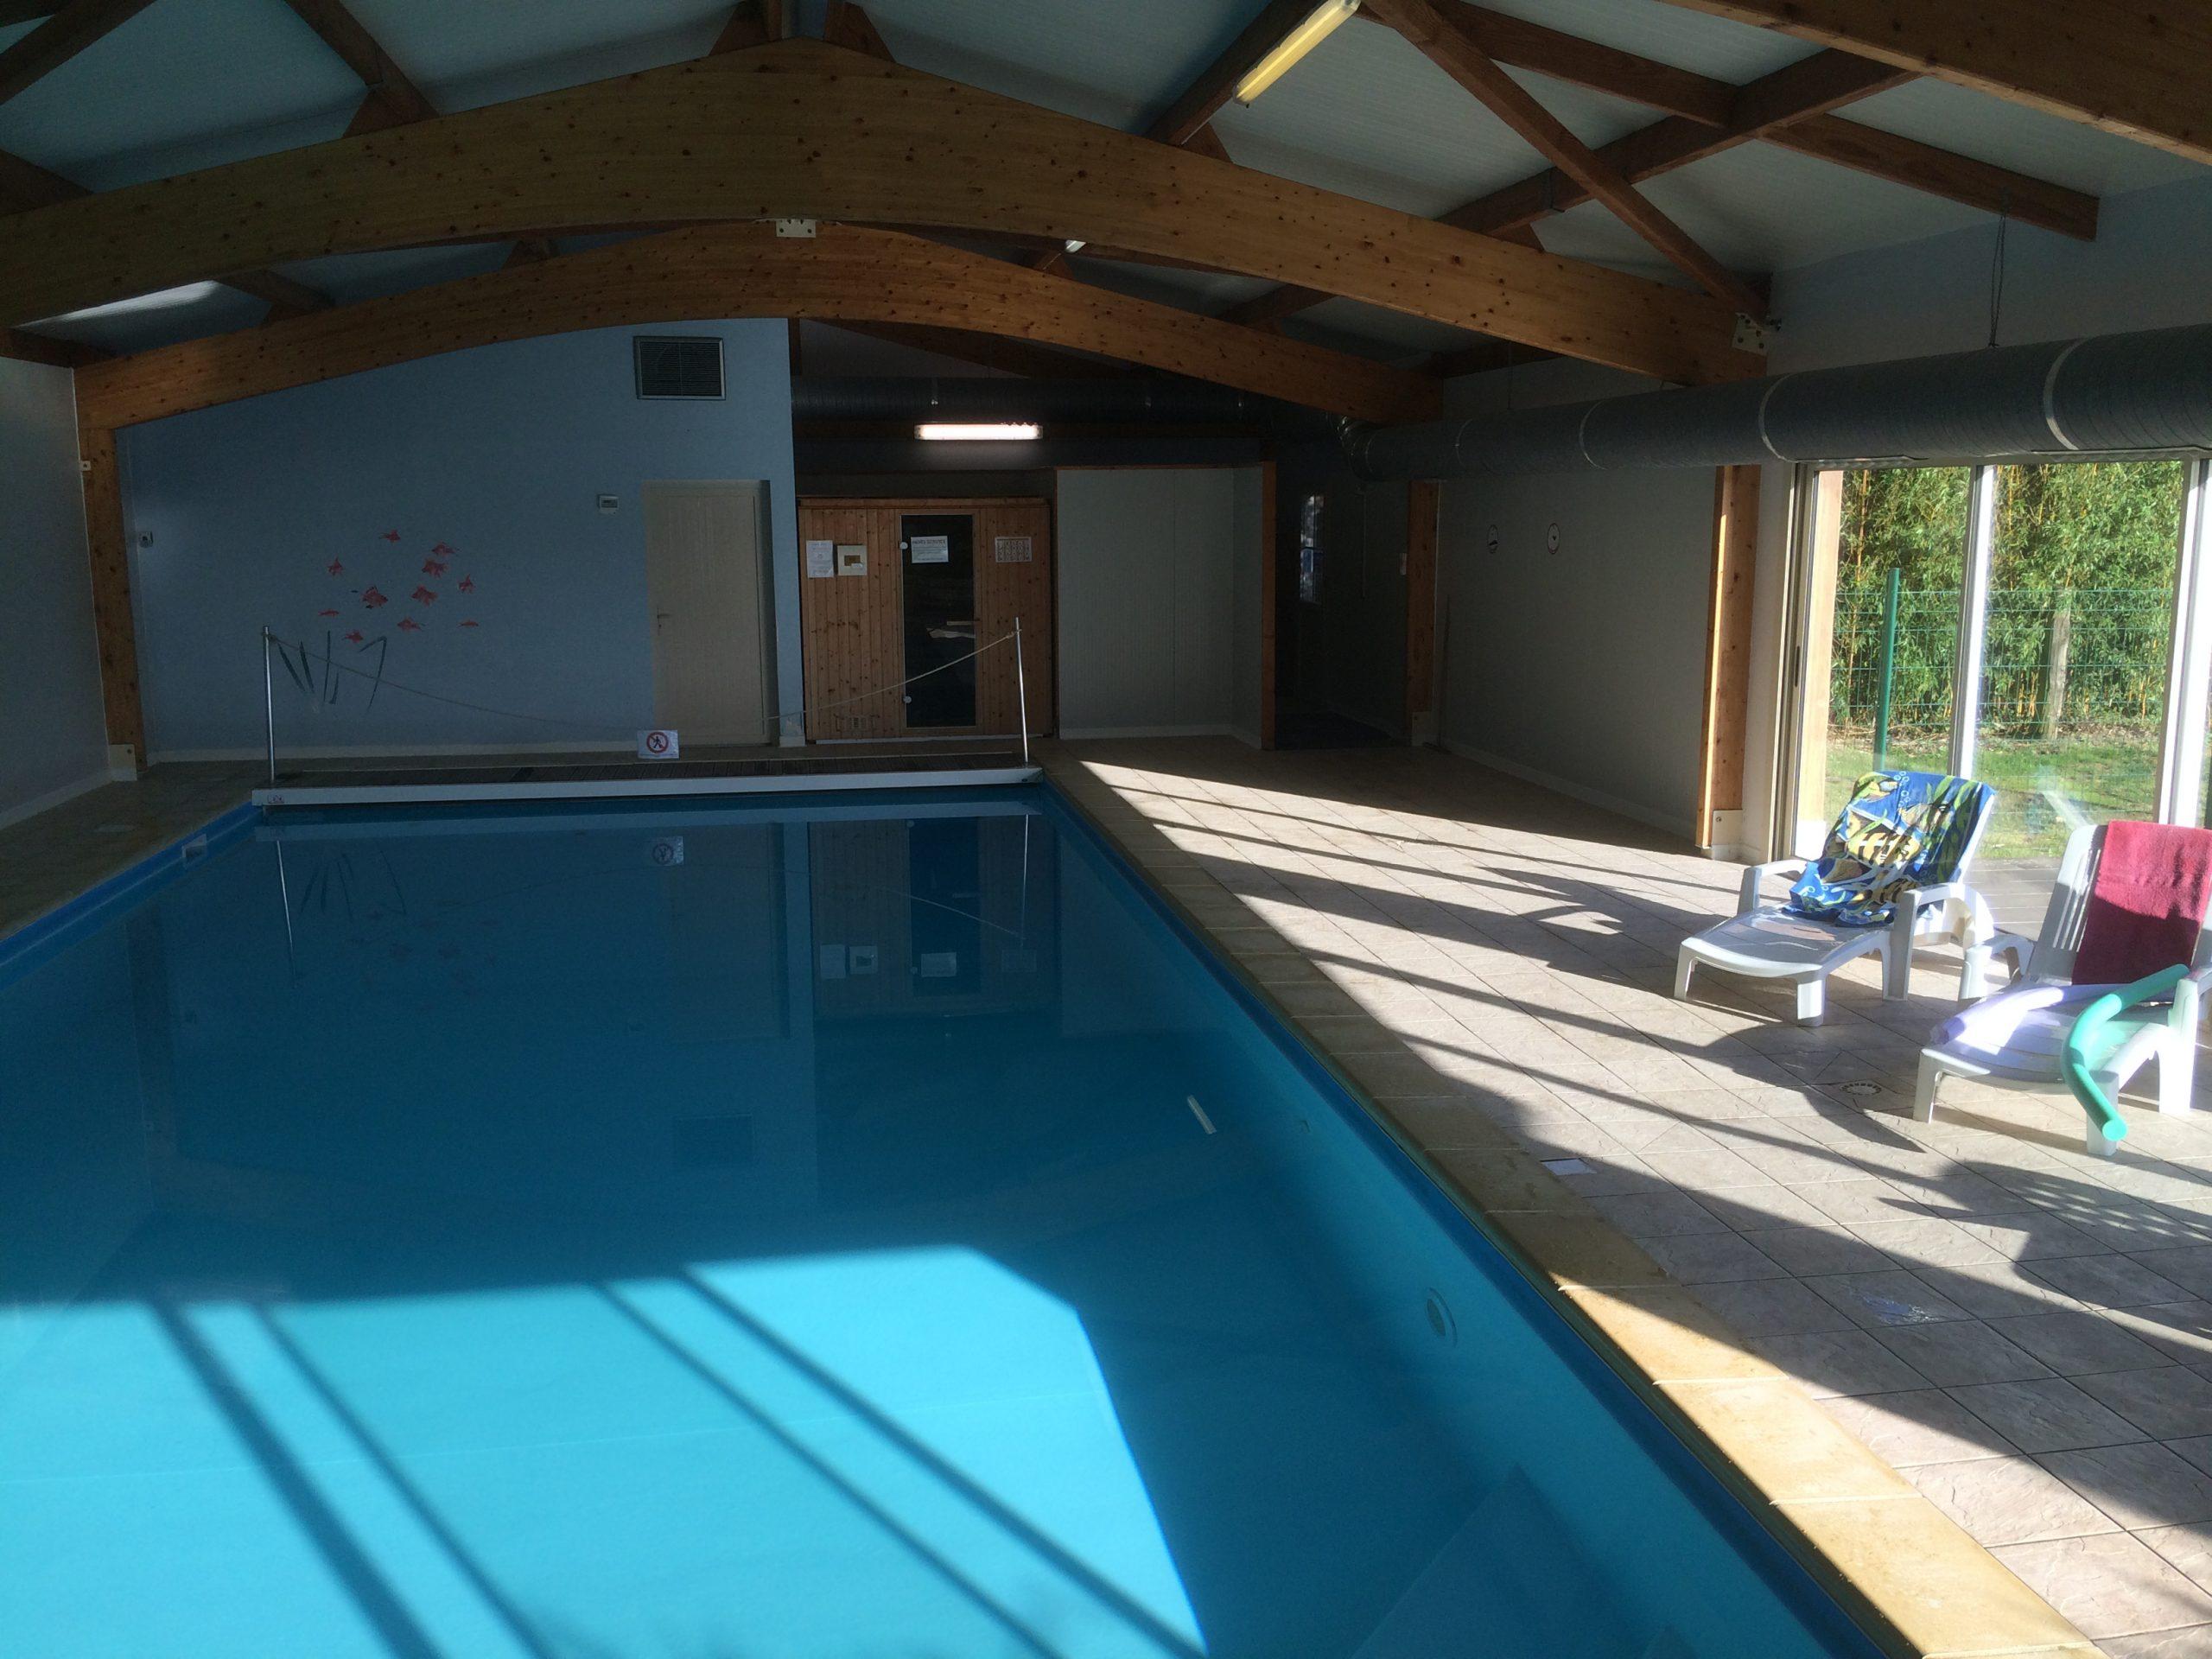 Gites Du Parc D'albosc - Gites En Normandie Grande Capacité ... intérieur Gite Pour 20 Personnes Avec Piscine Couverte